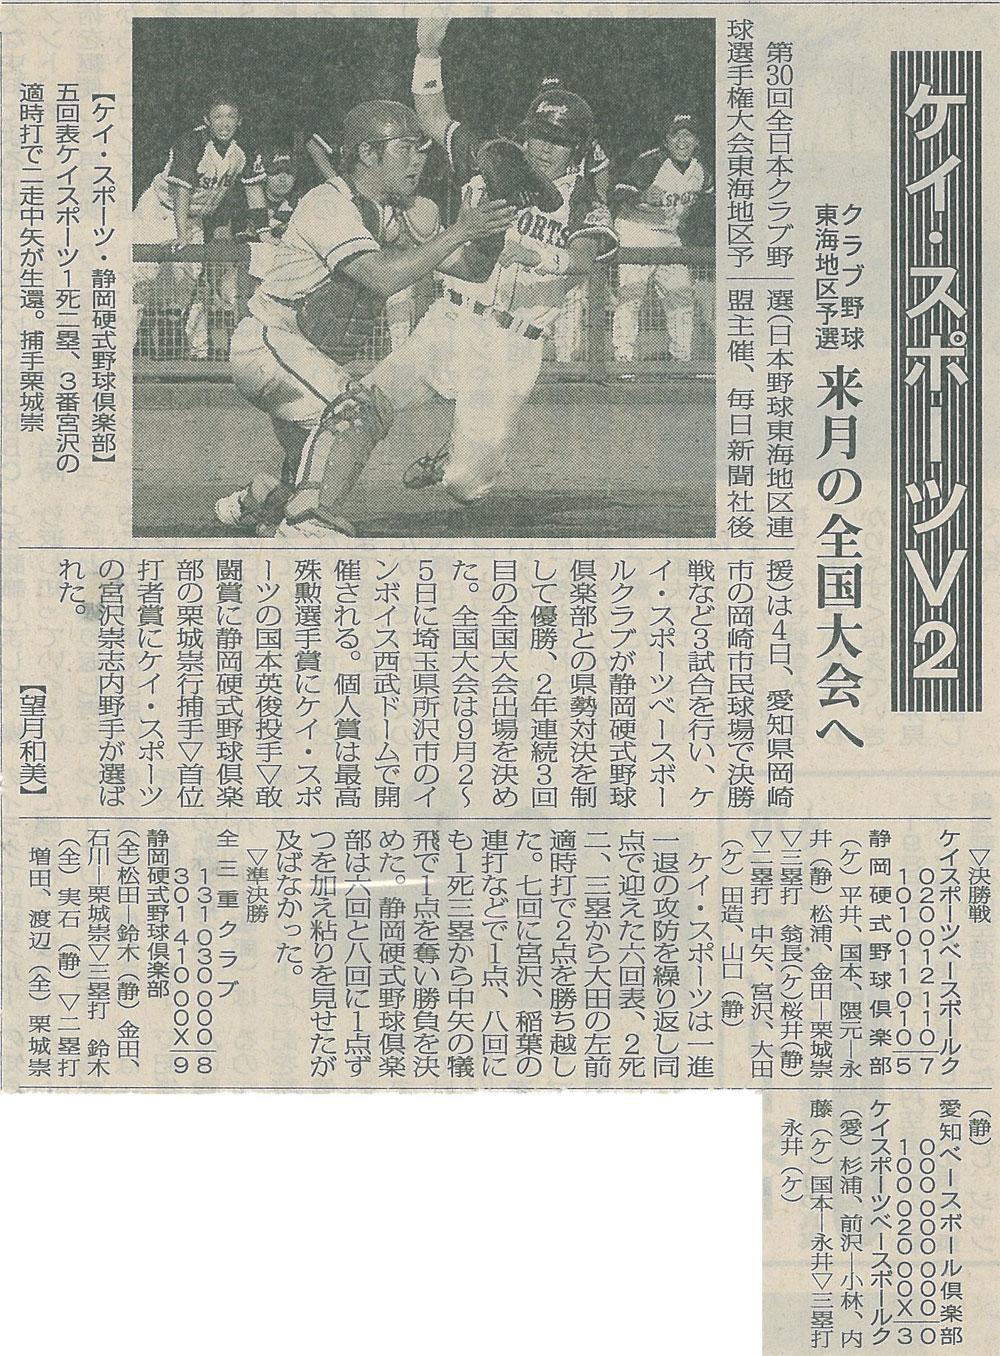 第30回全日本クラブ野球選手権大会東海地区予選